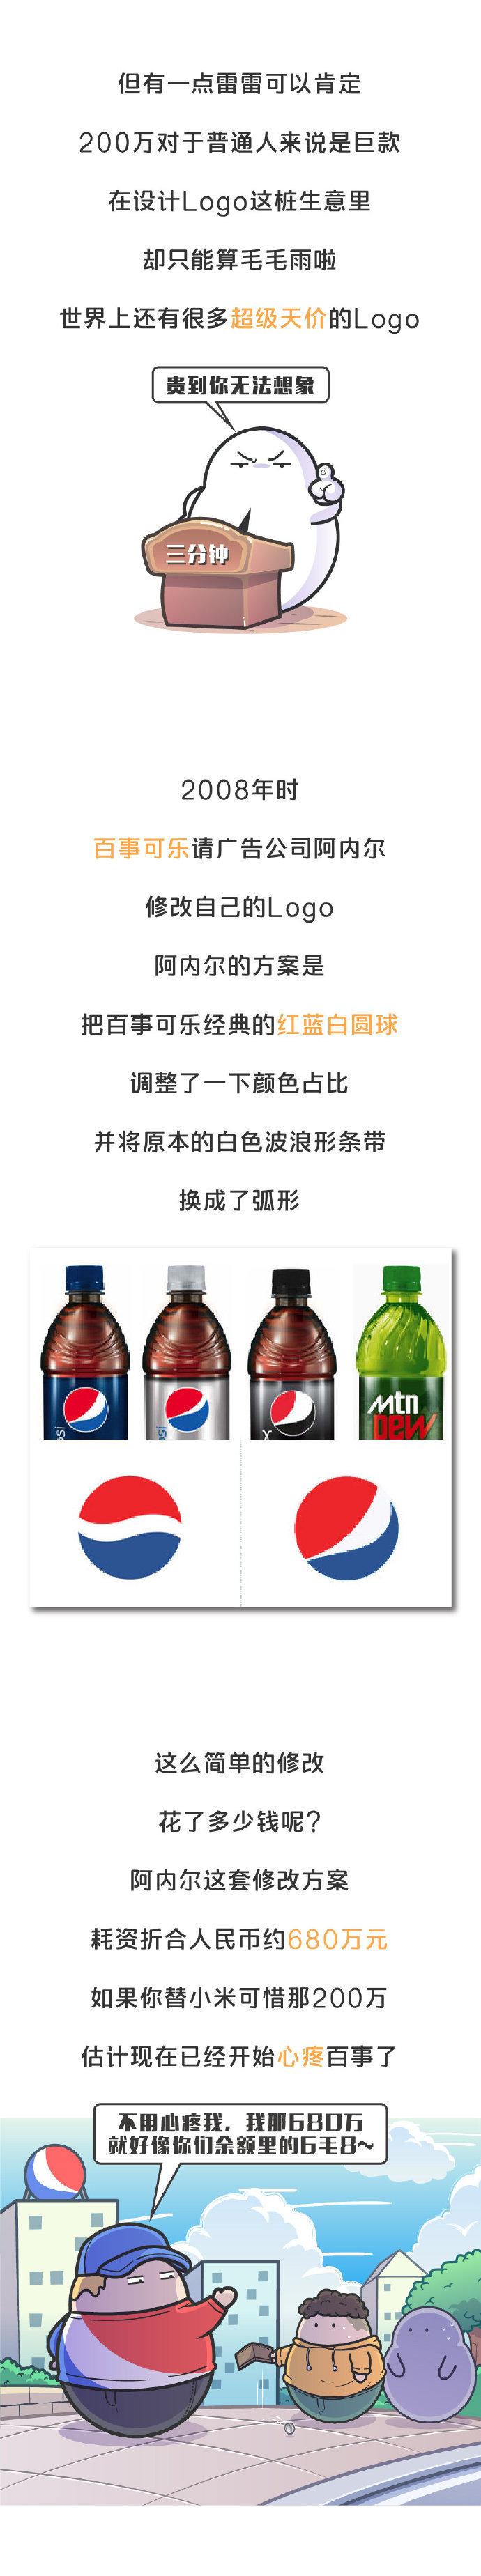 小米200万的新logo是被骗了吗?这个价值17亿的logo有话要说…